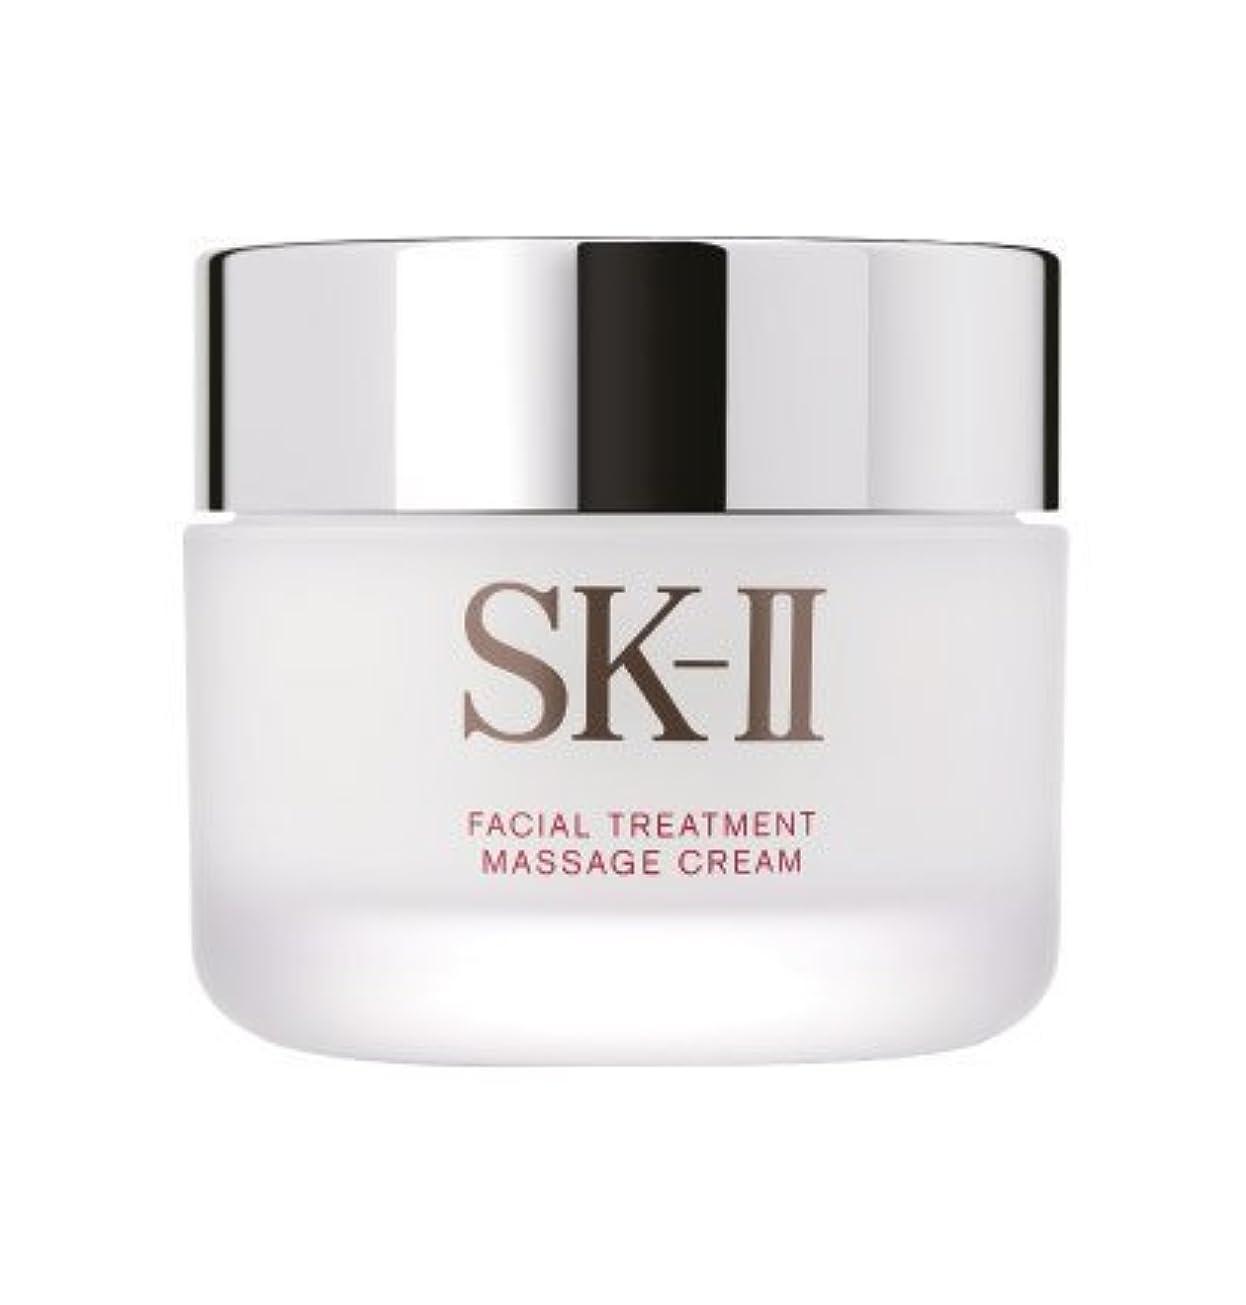 シリーズ理解コンサルタントSK-II フェイシャル トリートメント マッサージ クリーム 80g SK2 マックスファクター 化粧品 美容 クリーム